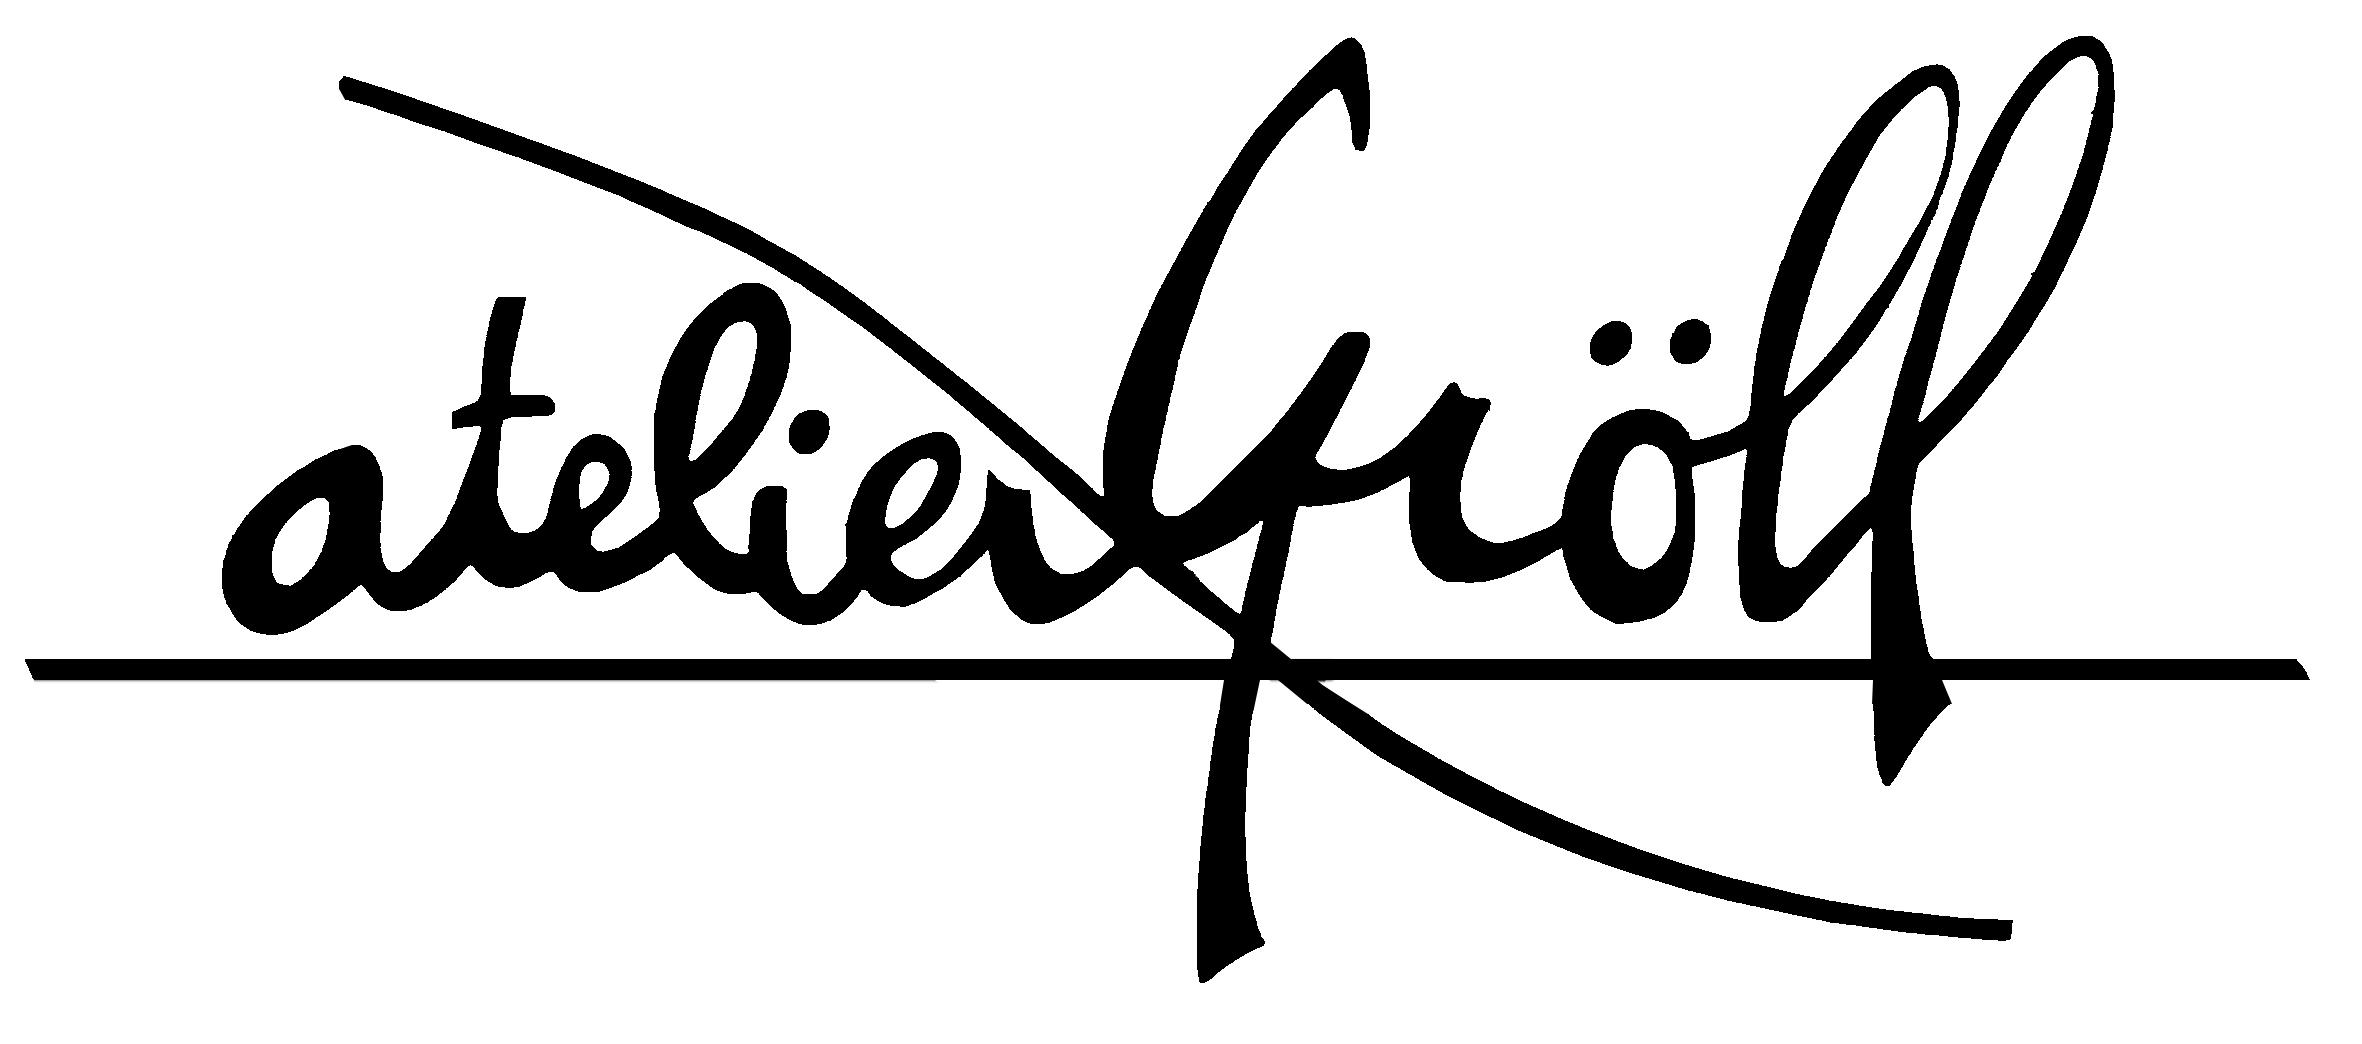 Logo de : Atelier Gröll exerce dans le domaine de l'immobilier depuis 1969. A l'origine architecte constructeur, la société s'est au fil du temps développée et structurée en 3 branches distinctes :  Architecture : réalisation et construction de projets de villa sur mesure Promotion immobilière : réalisation, construction et commercialisation de programme immobiliers Lotisseur : réalisation et commercialisation de lotissements.   Elle exerce principalement sur Grenoble et son agglomération.